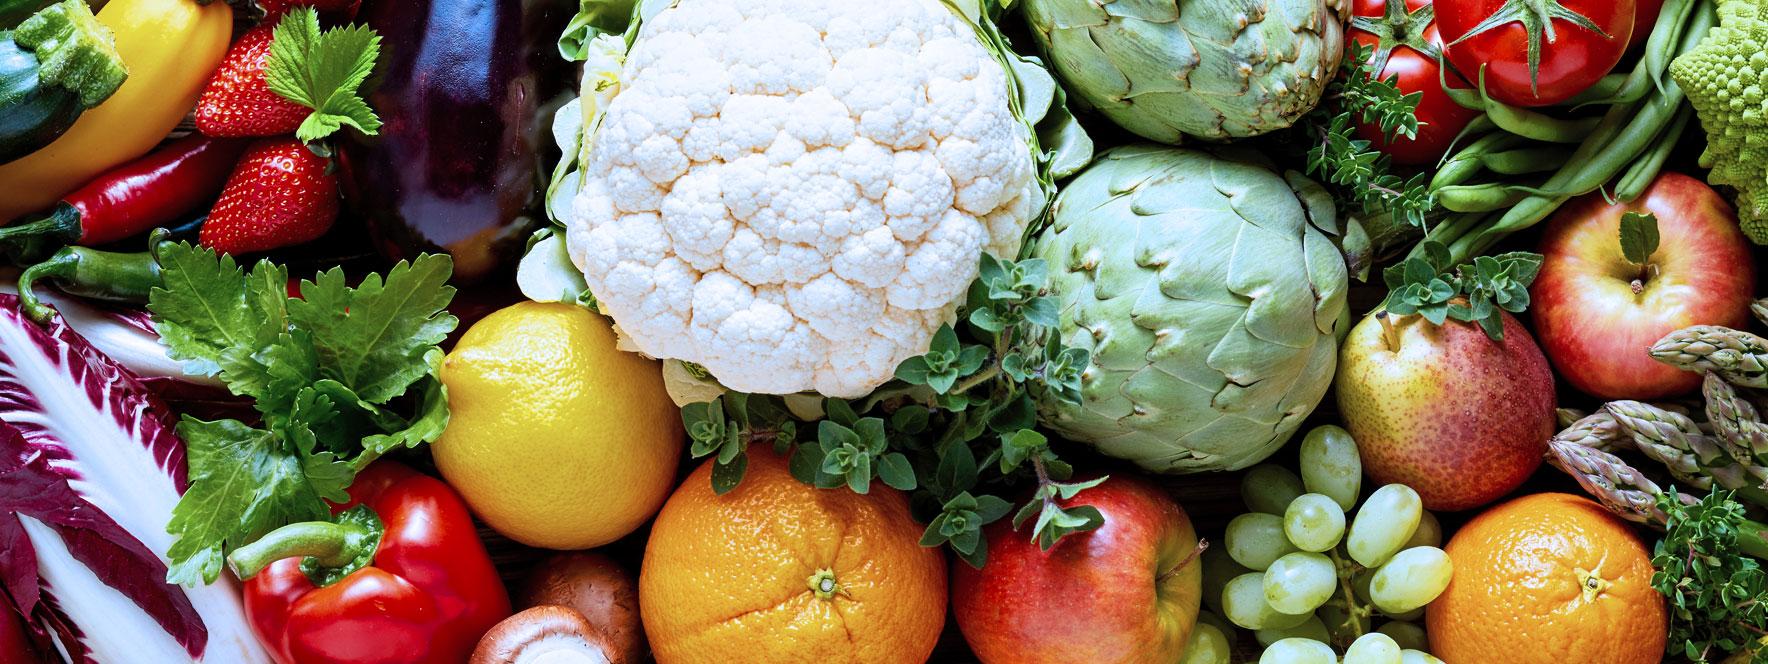 Légumes frais et fruits mélangés gardent le niveau d'énergie